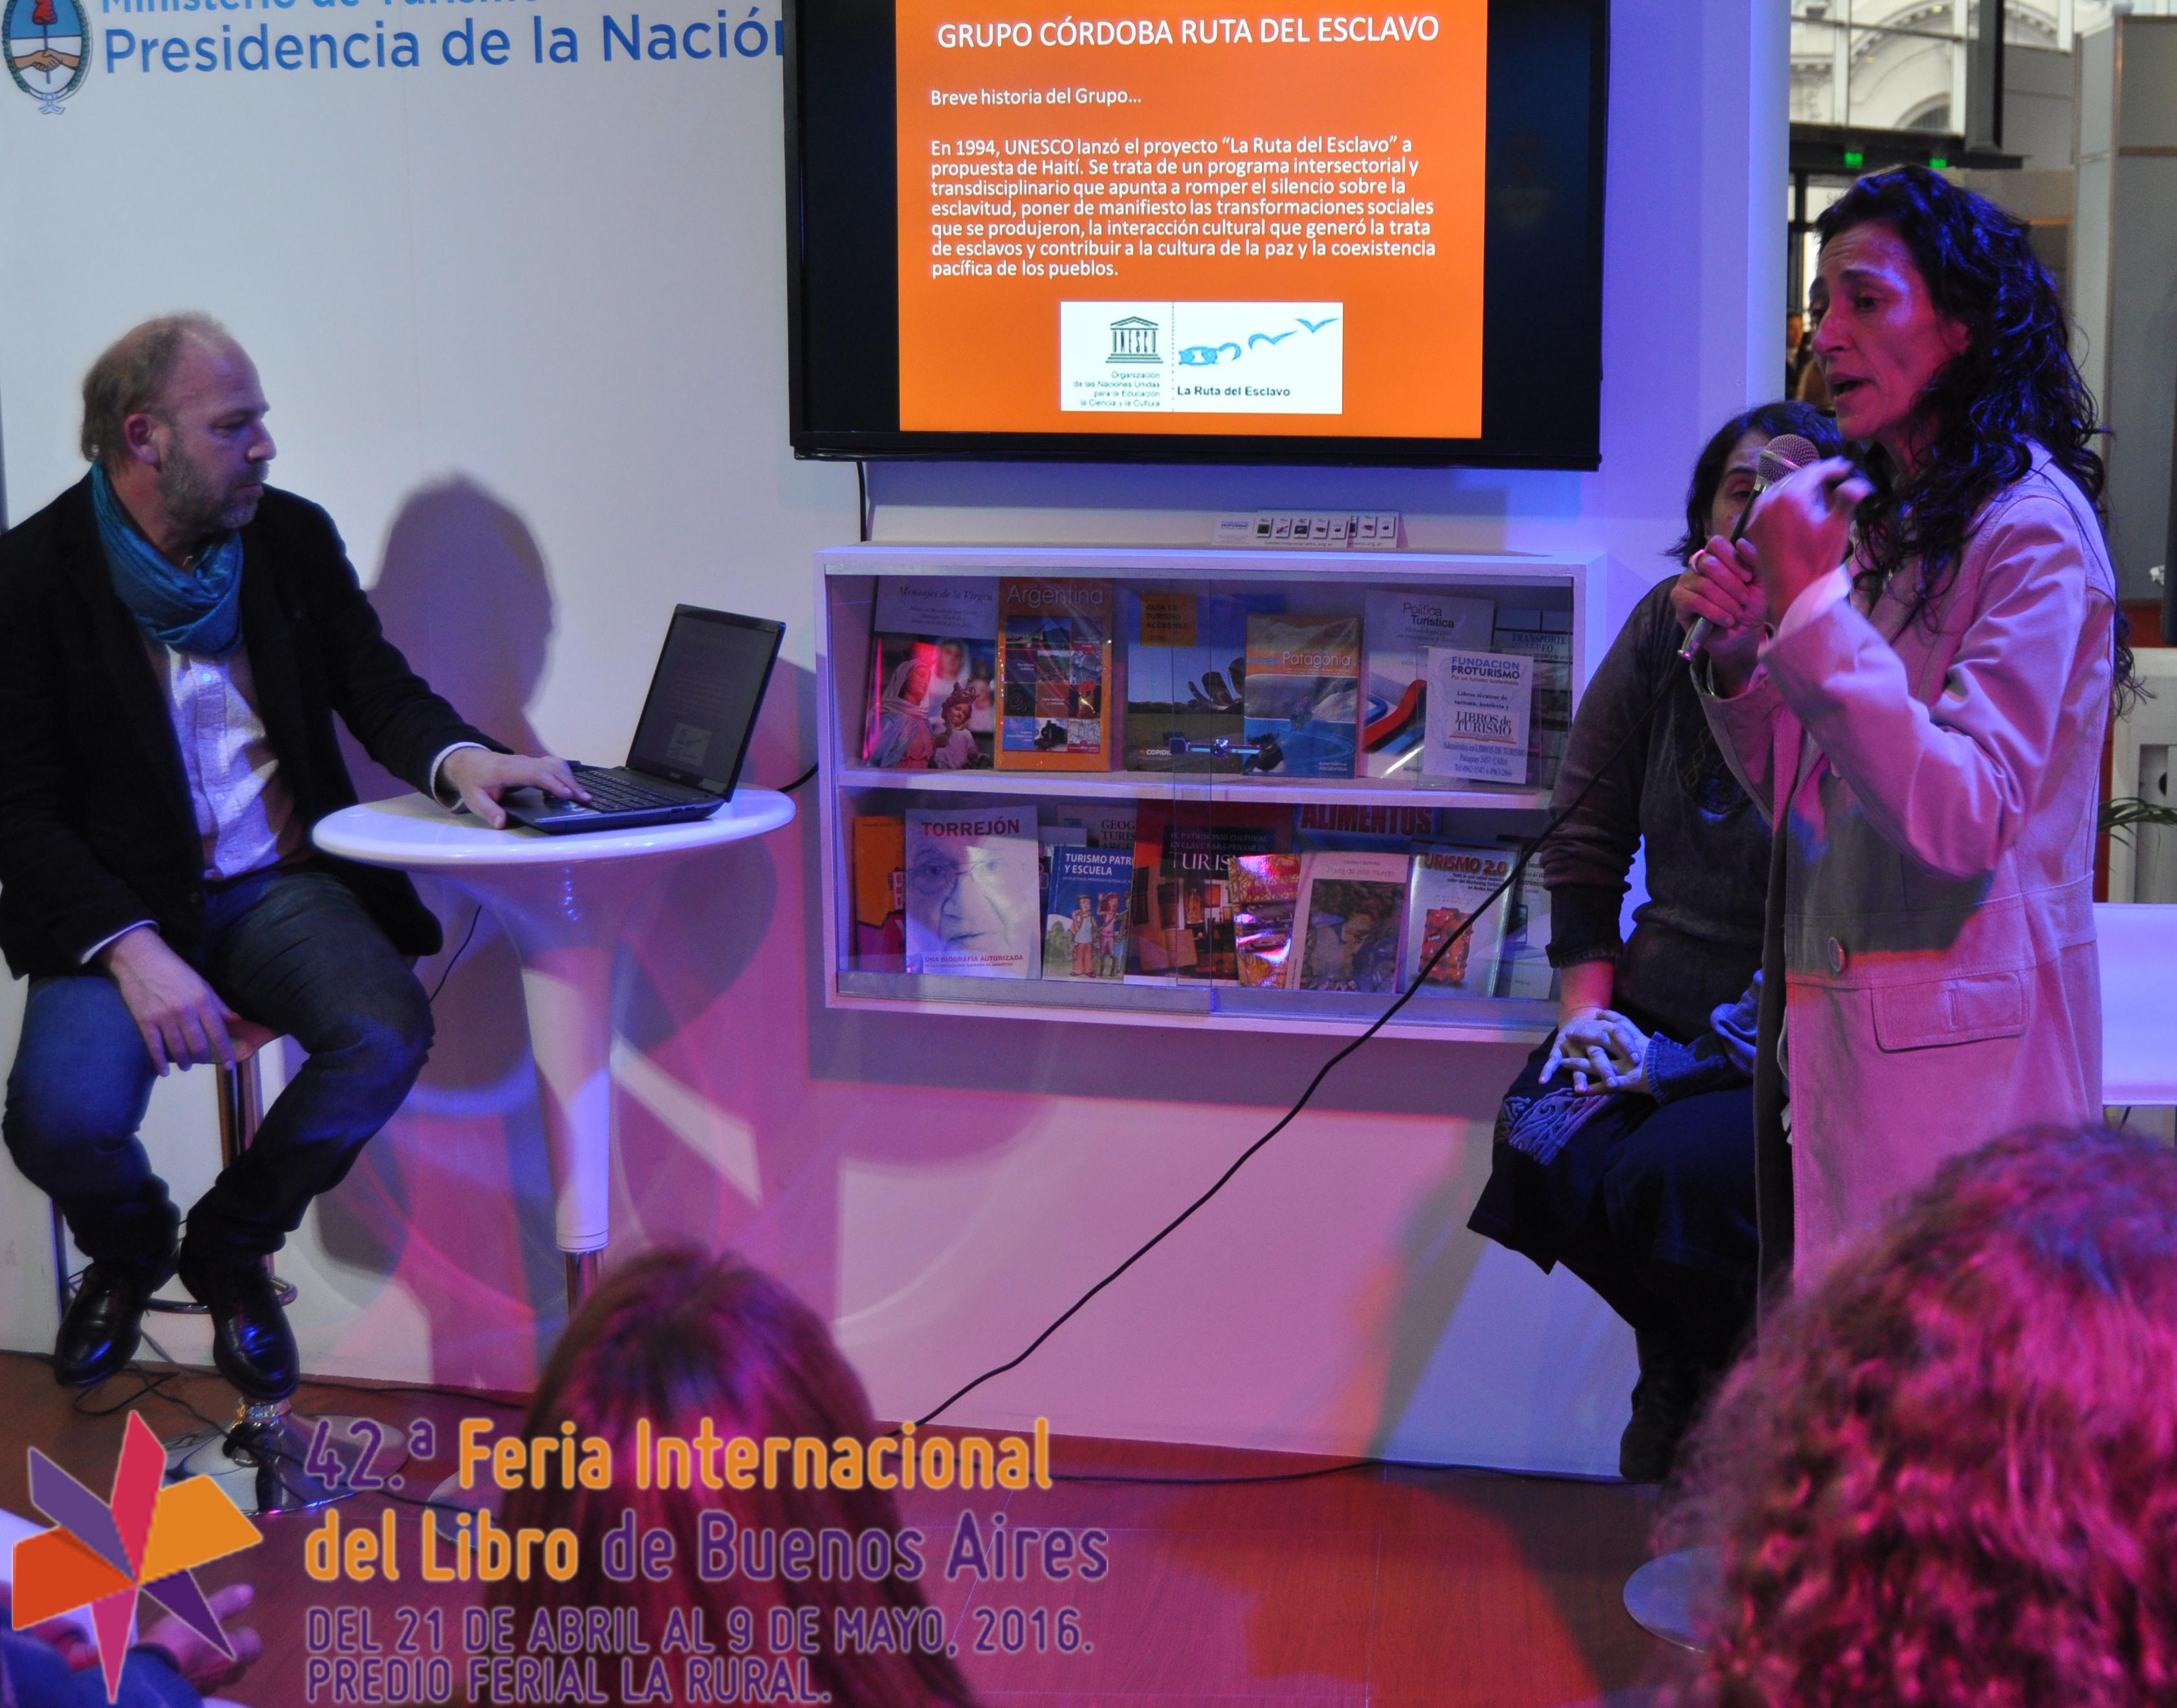 Silvia-Ruibal-Ruta-del-Esclavo-Cordoba-UNESCO-Feria-Libro